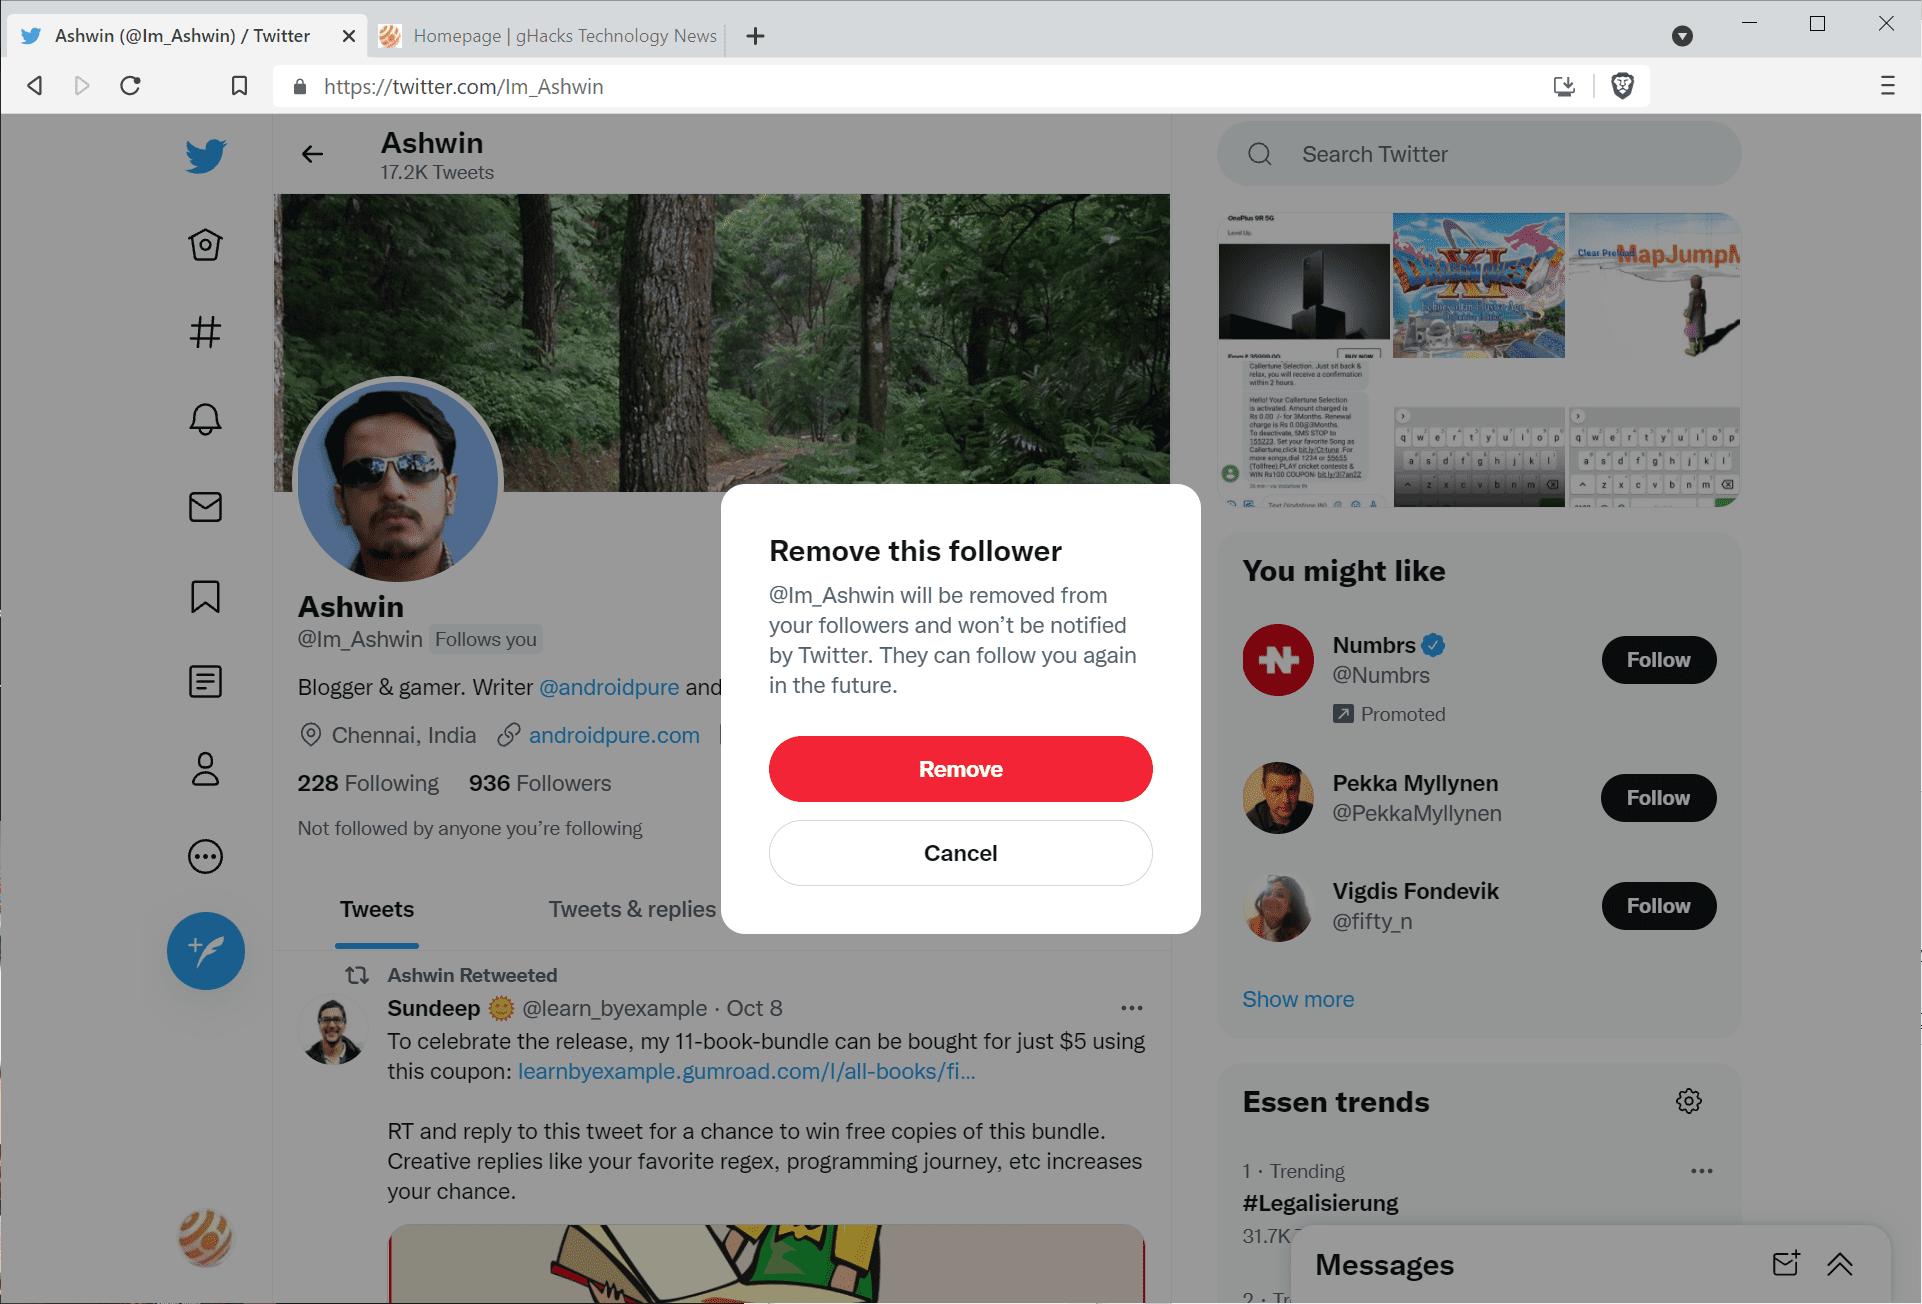 remove follower